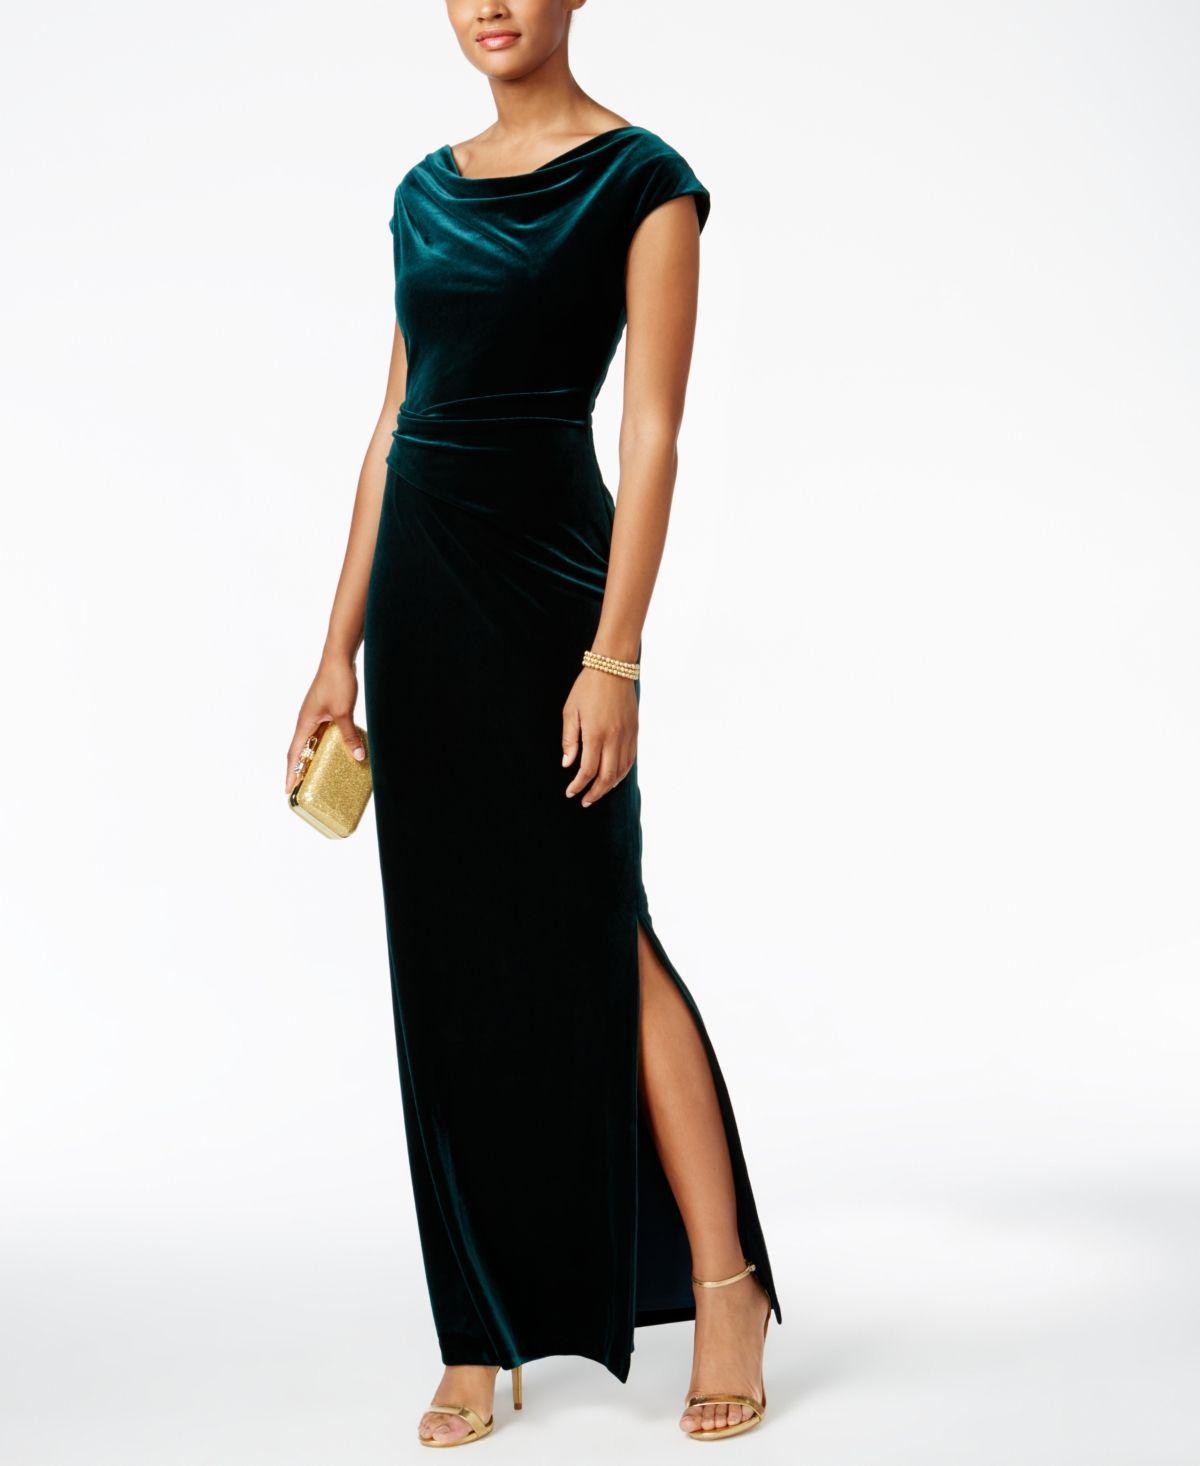 Vince Camuto Velvet Cutout Back Gown Reviews Dresses Women Macy S In 2020 Velvet Bridesmaid Dresses Green Velvet Dress Gowns [ 1466 x 1200 Pixel ]